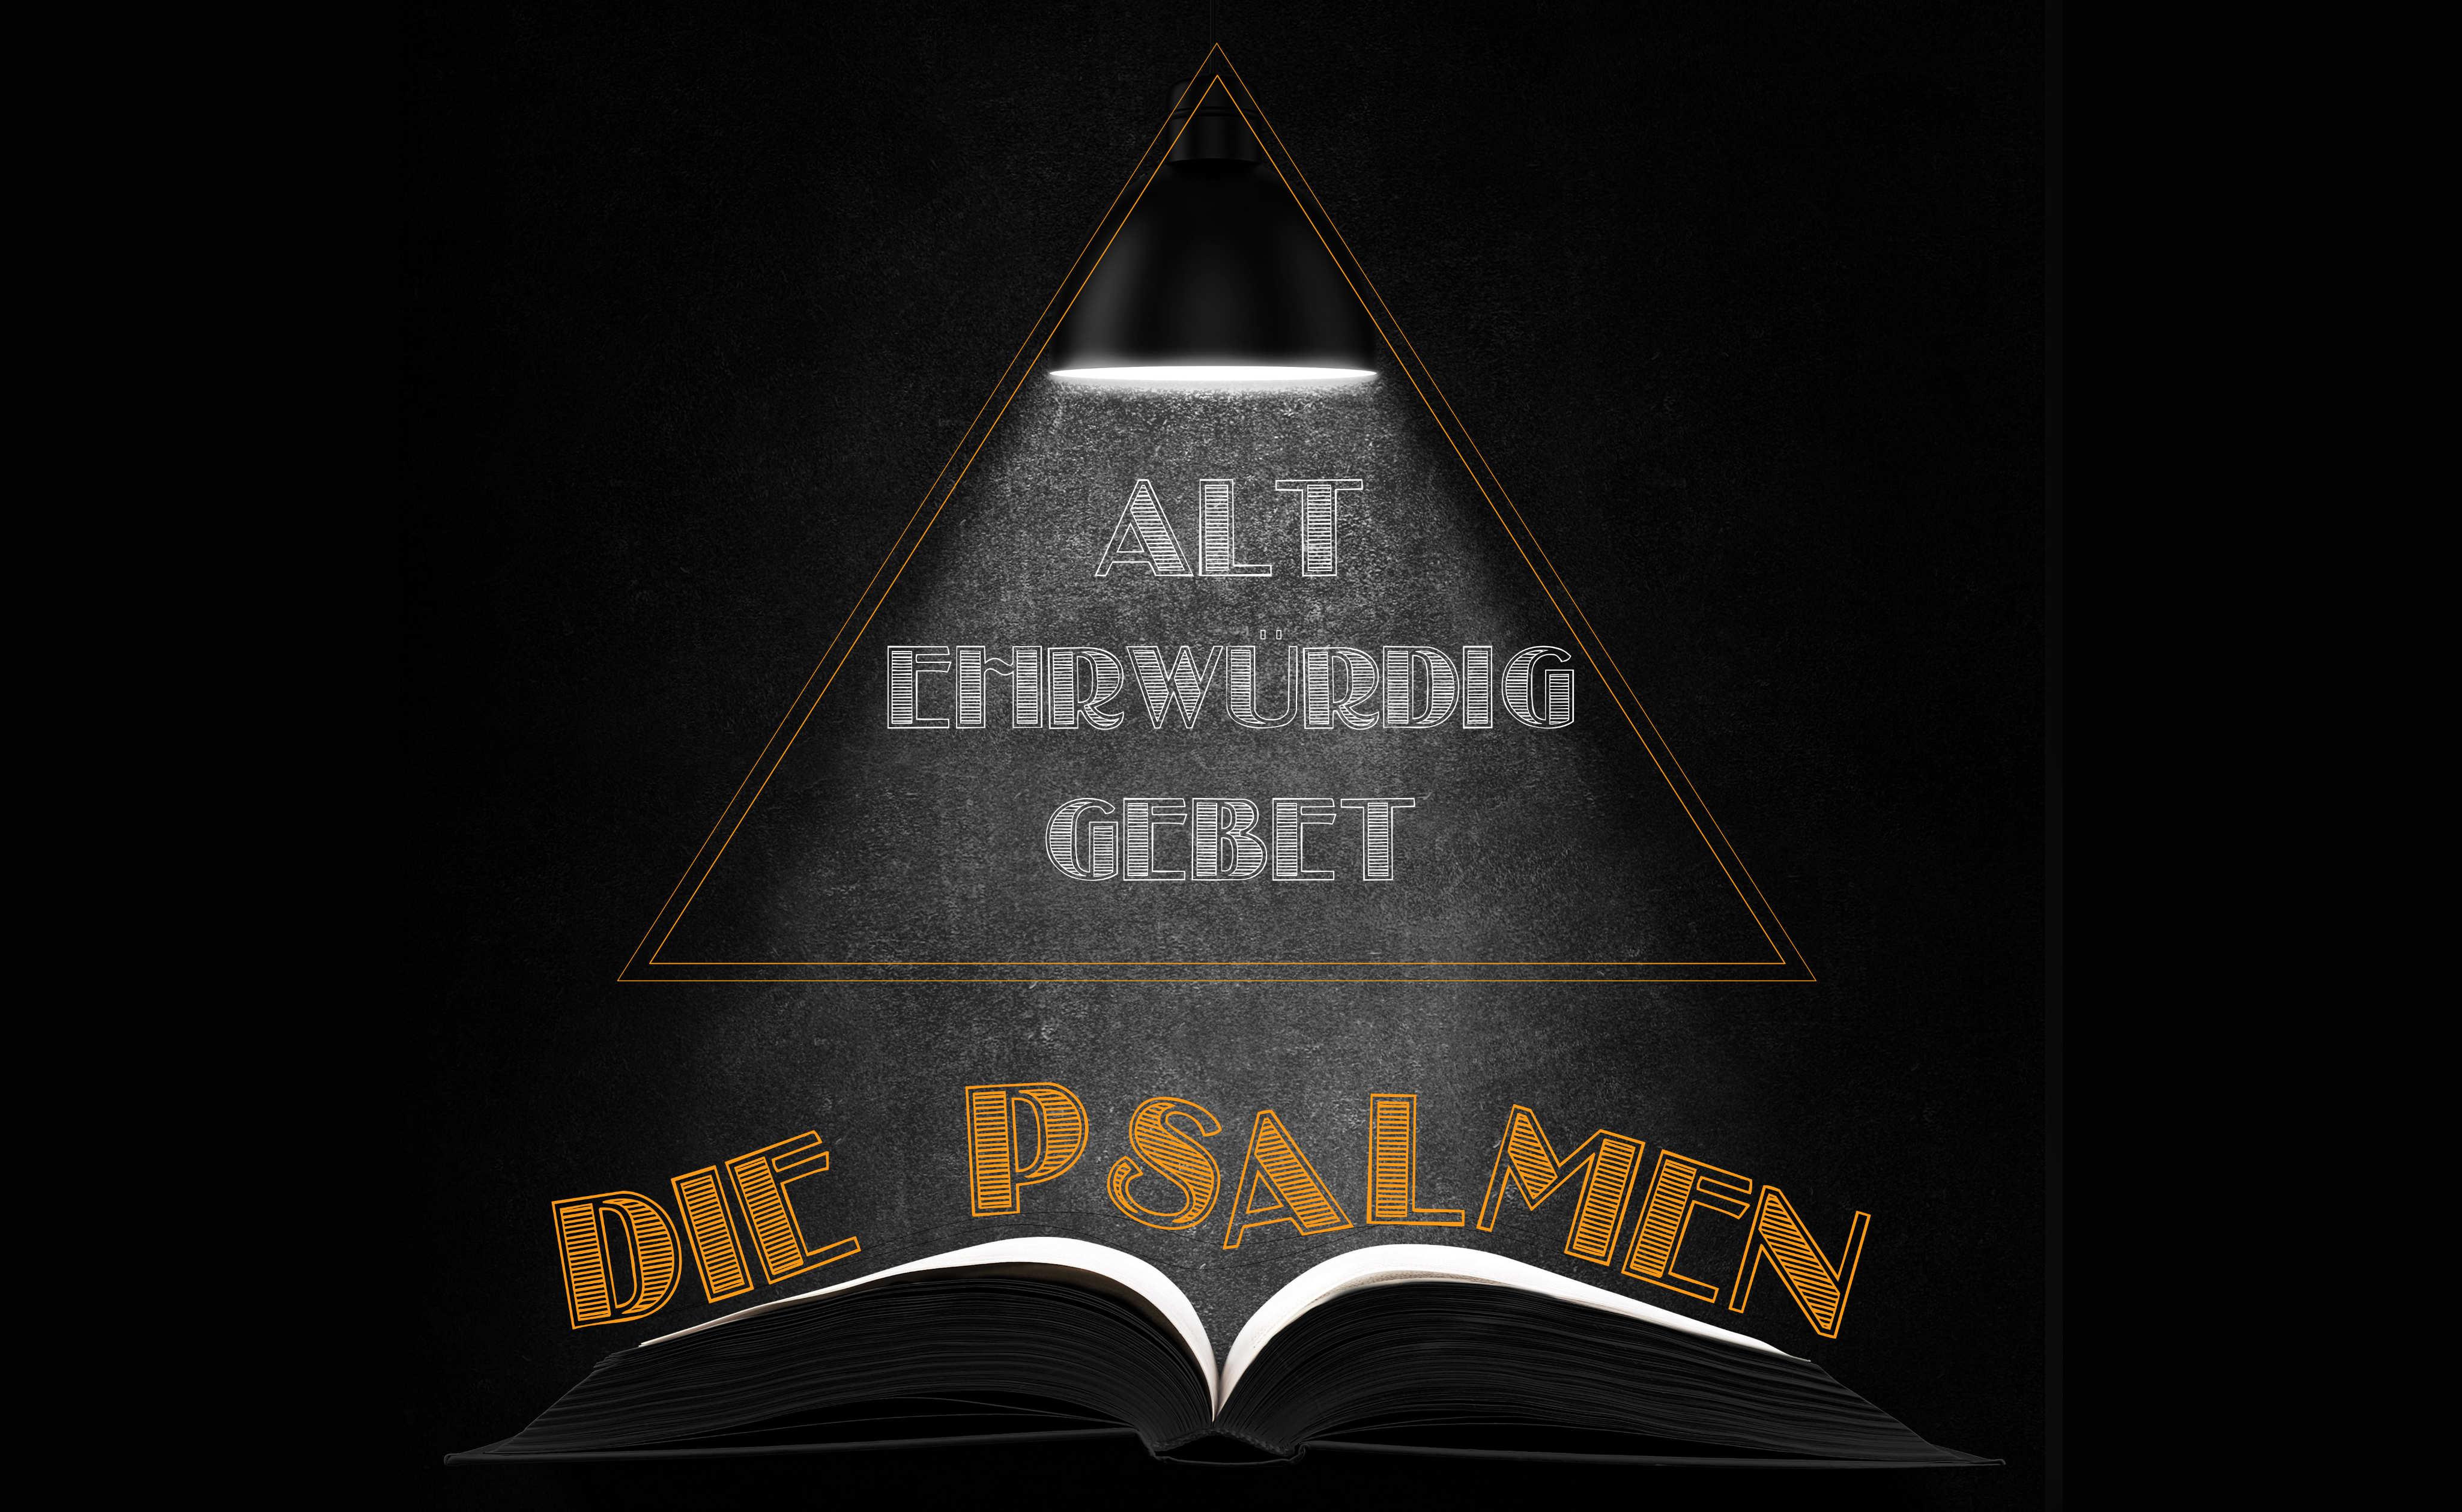 Alt. Ehrwürdig. Gebet - die Psalmen